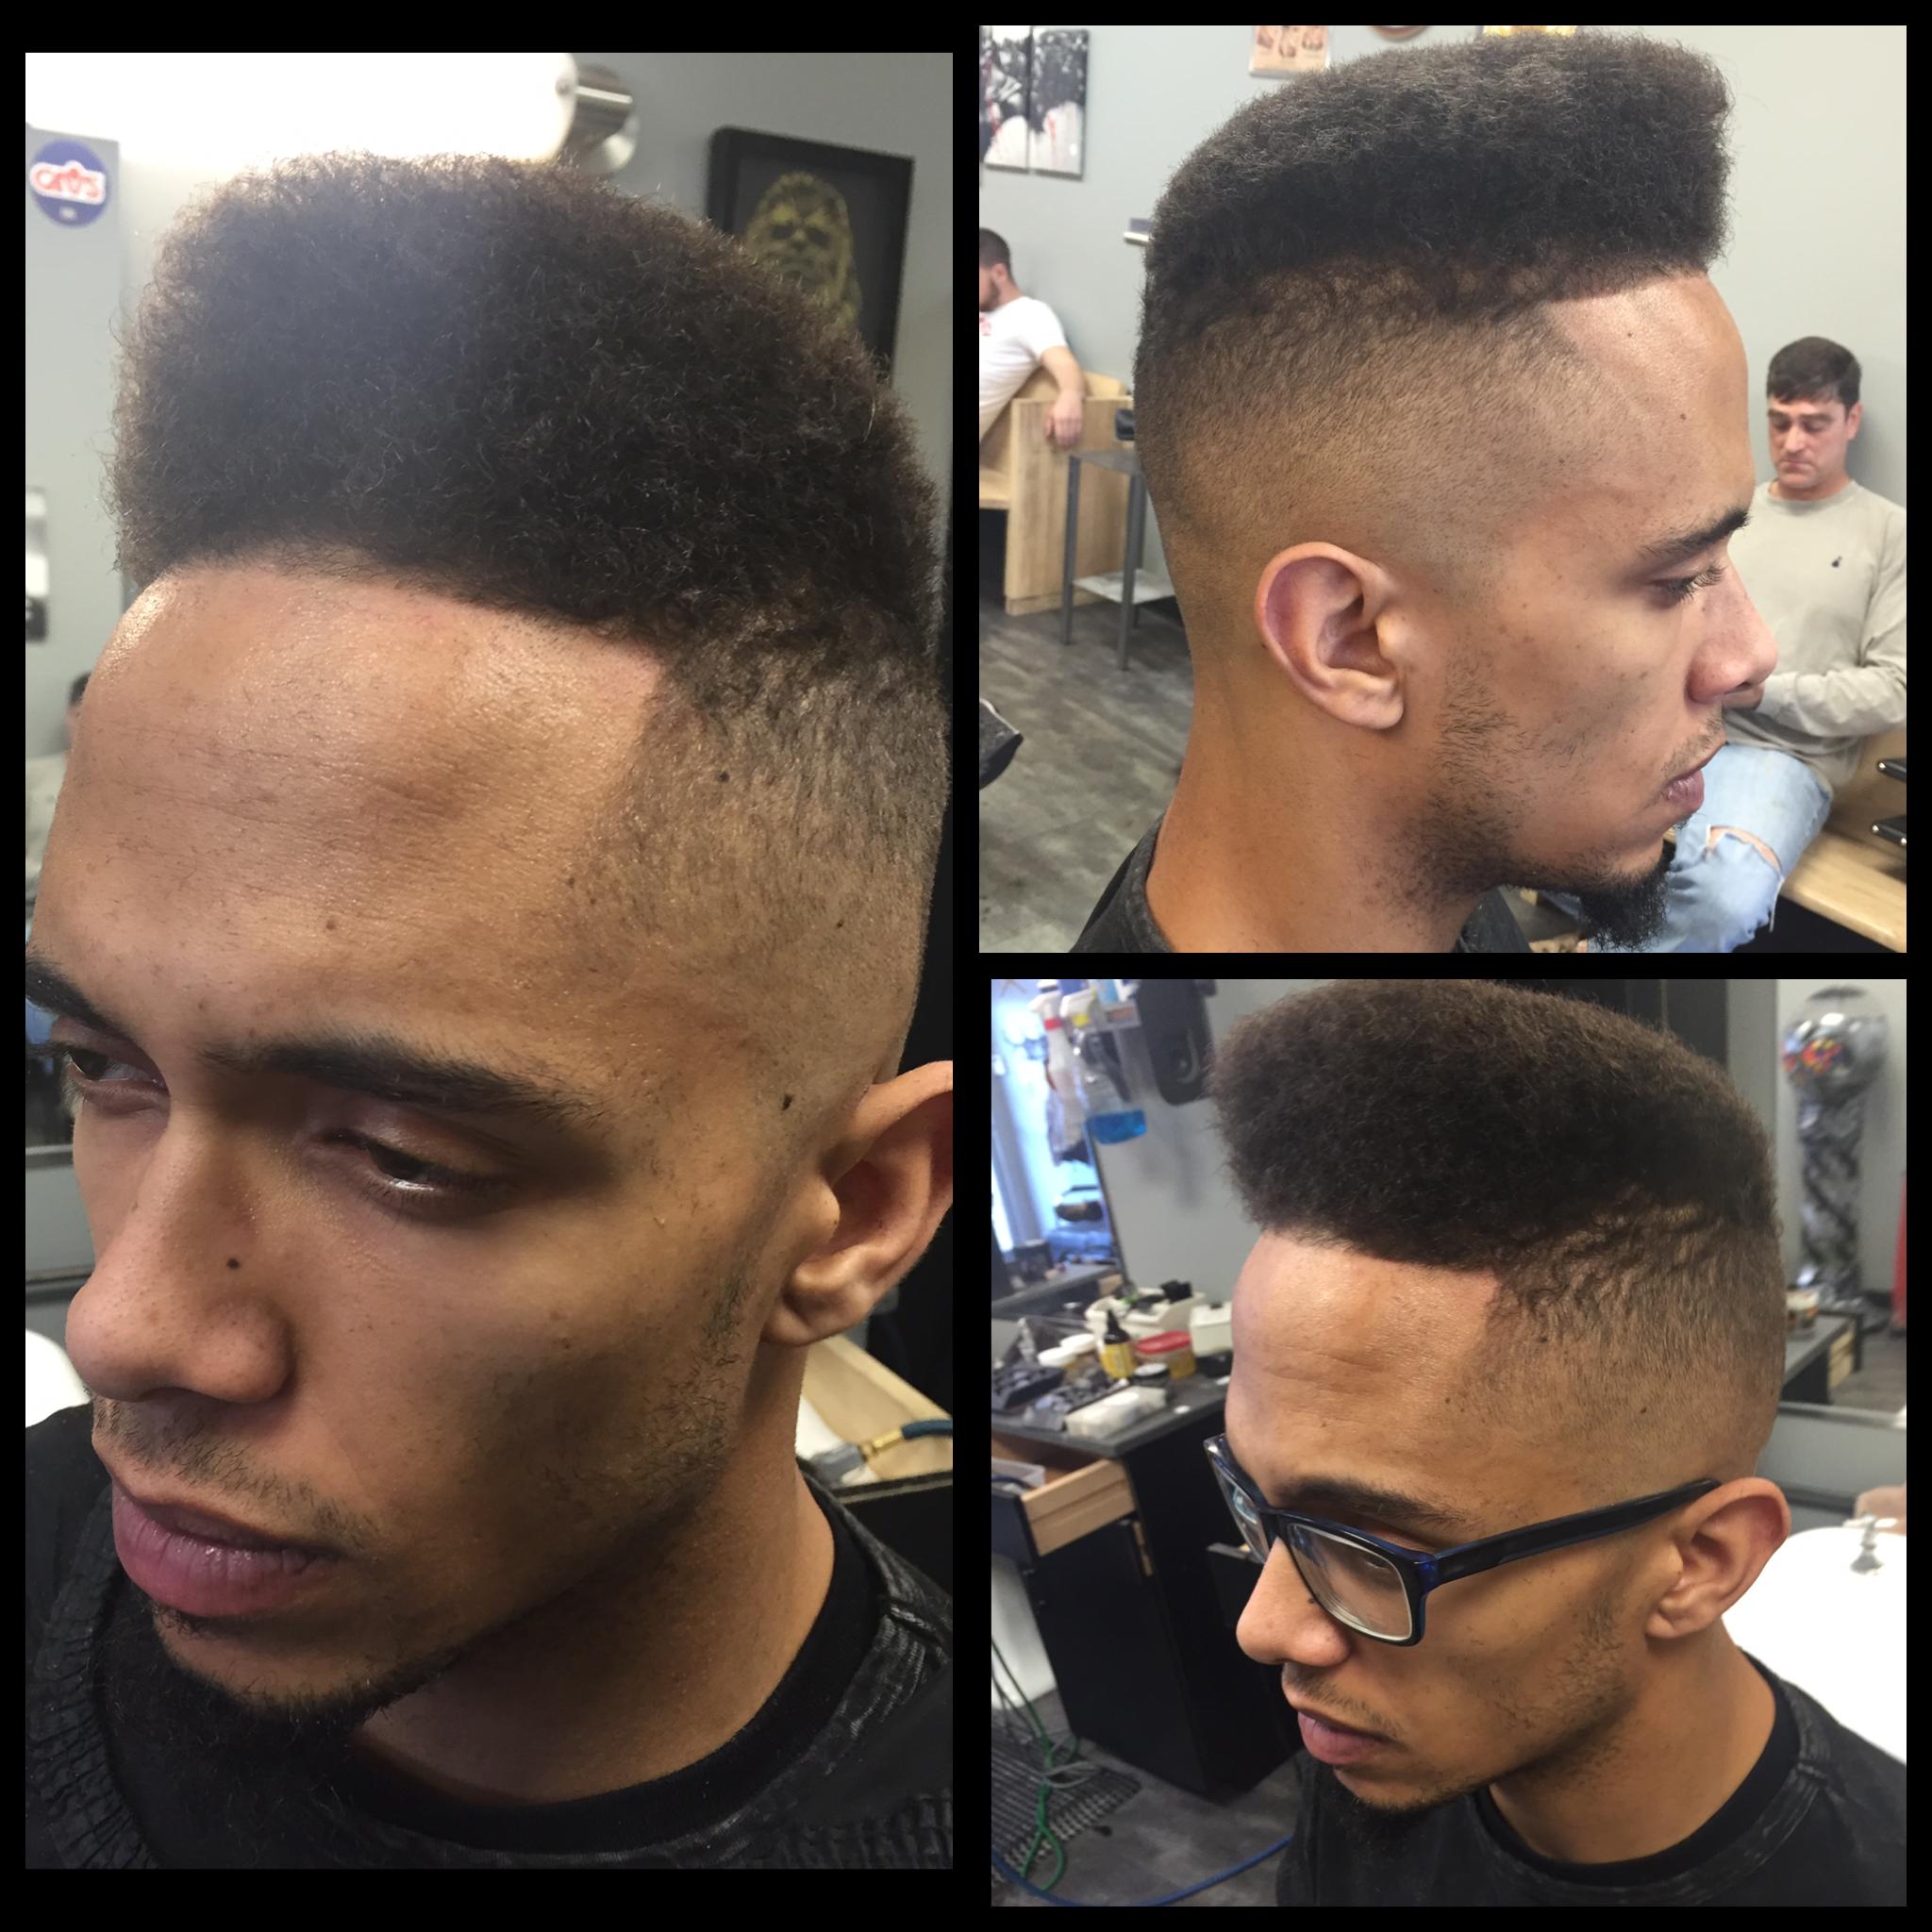 High top Flat Top 90s Hip Hop style fade I did at Ellet Barbershop